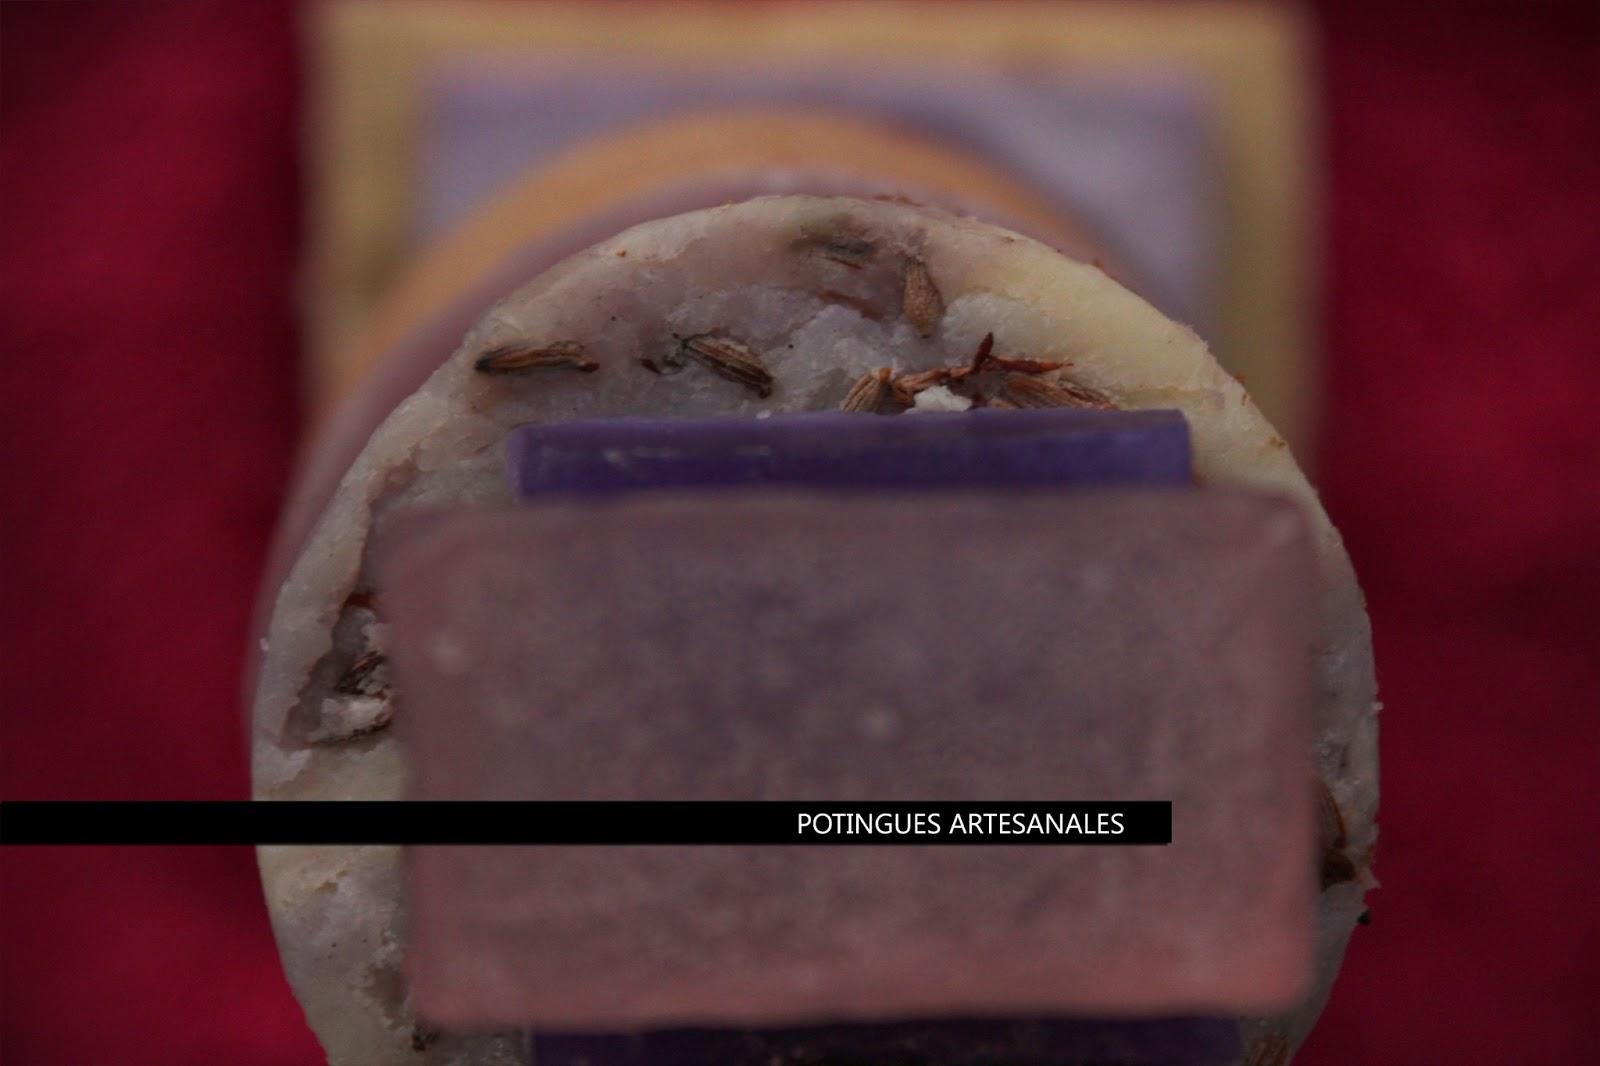 Potingues artesanales y sus productos